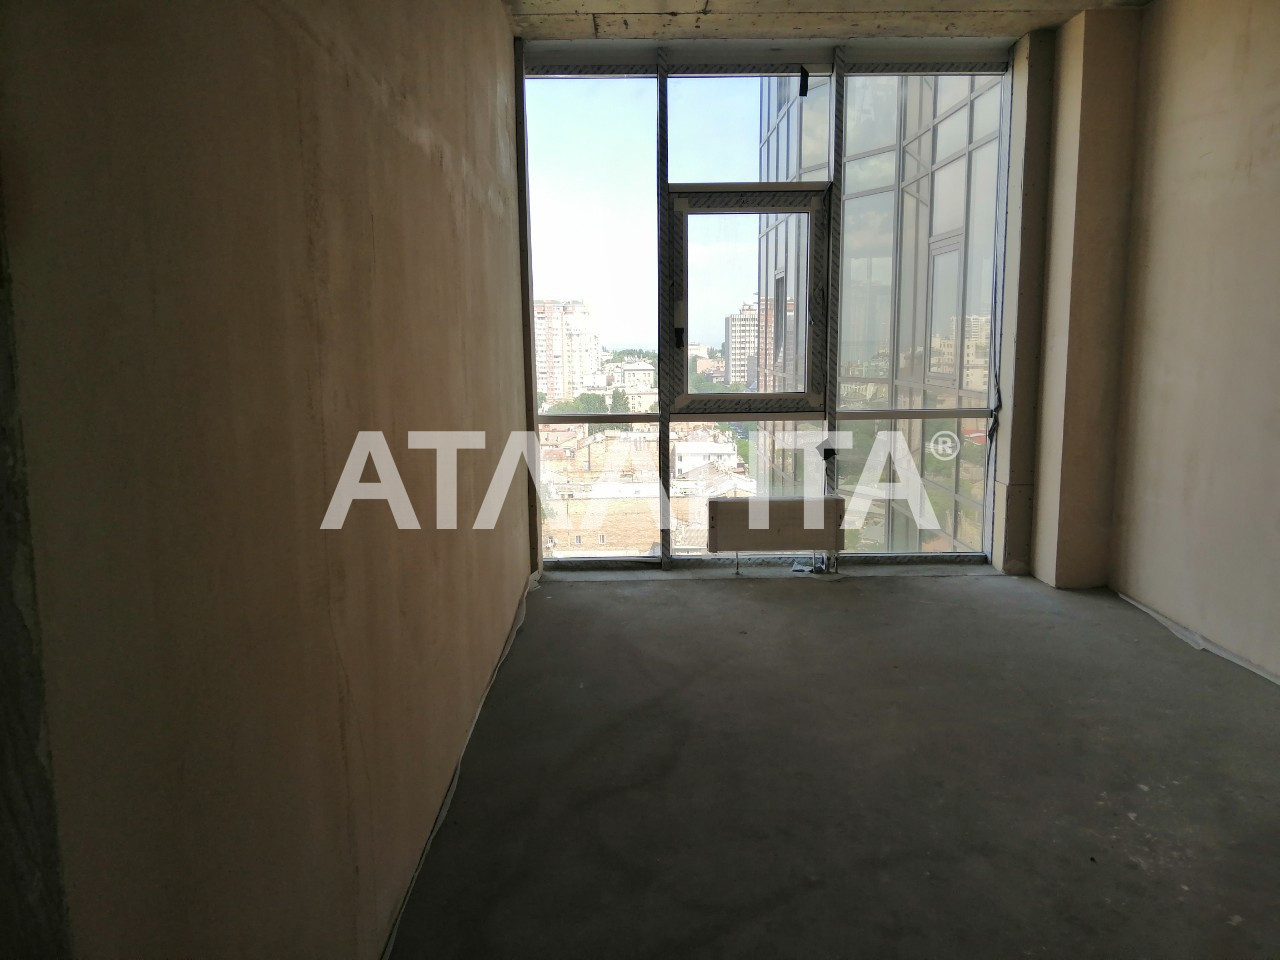 Продается 2-комнатная Квартира на ул. Большая Арнаутская (Чкалова) — 101 520 у.е. (фото №9)